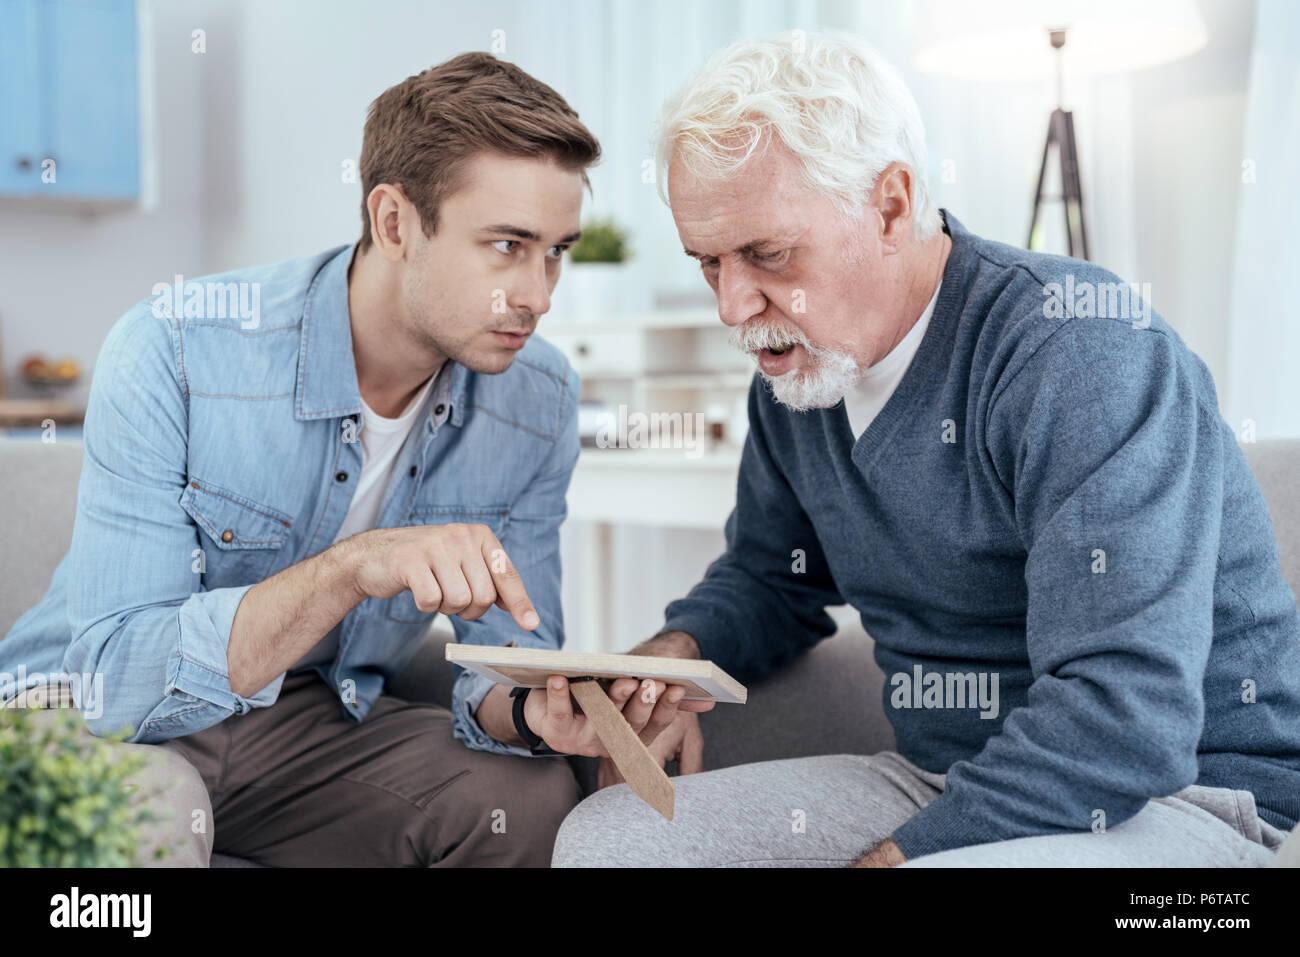 Astonished senior man reminiscing past - Stock Image